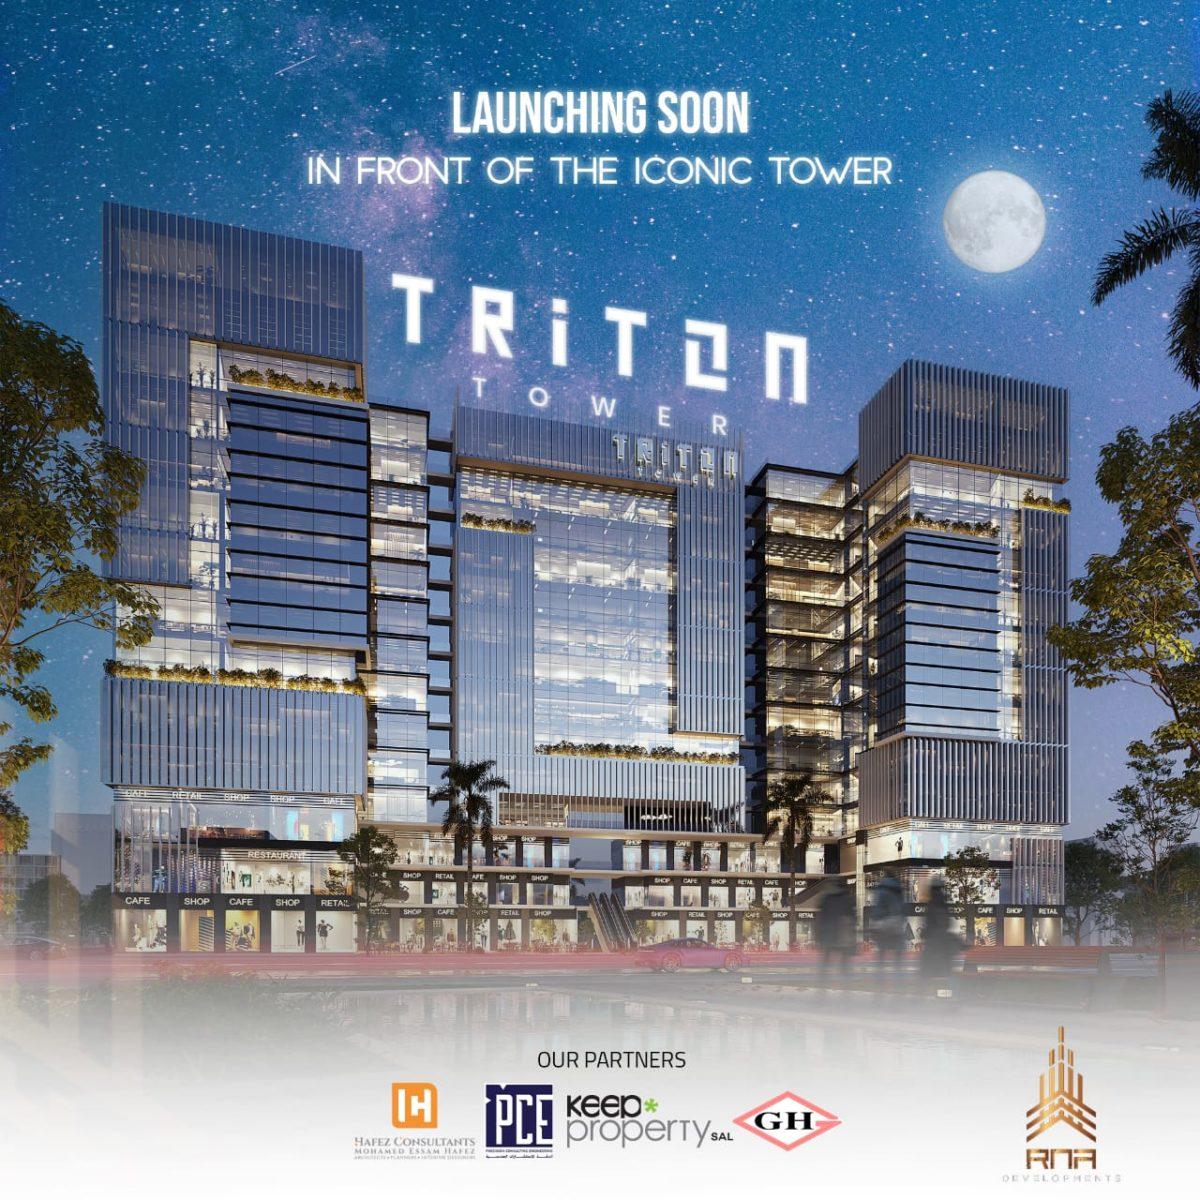 مول ترايتون تاور العاصمة الإدارية Triton Tower New Capital